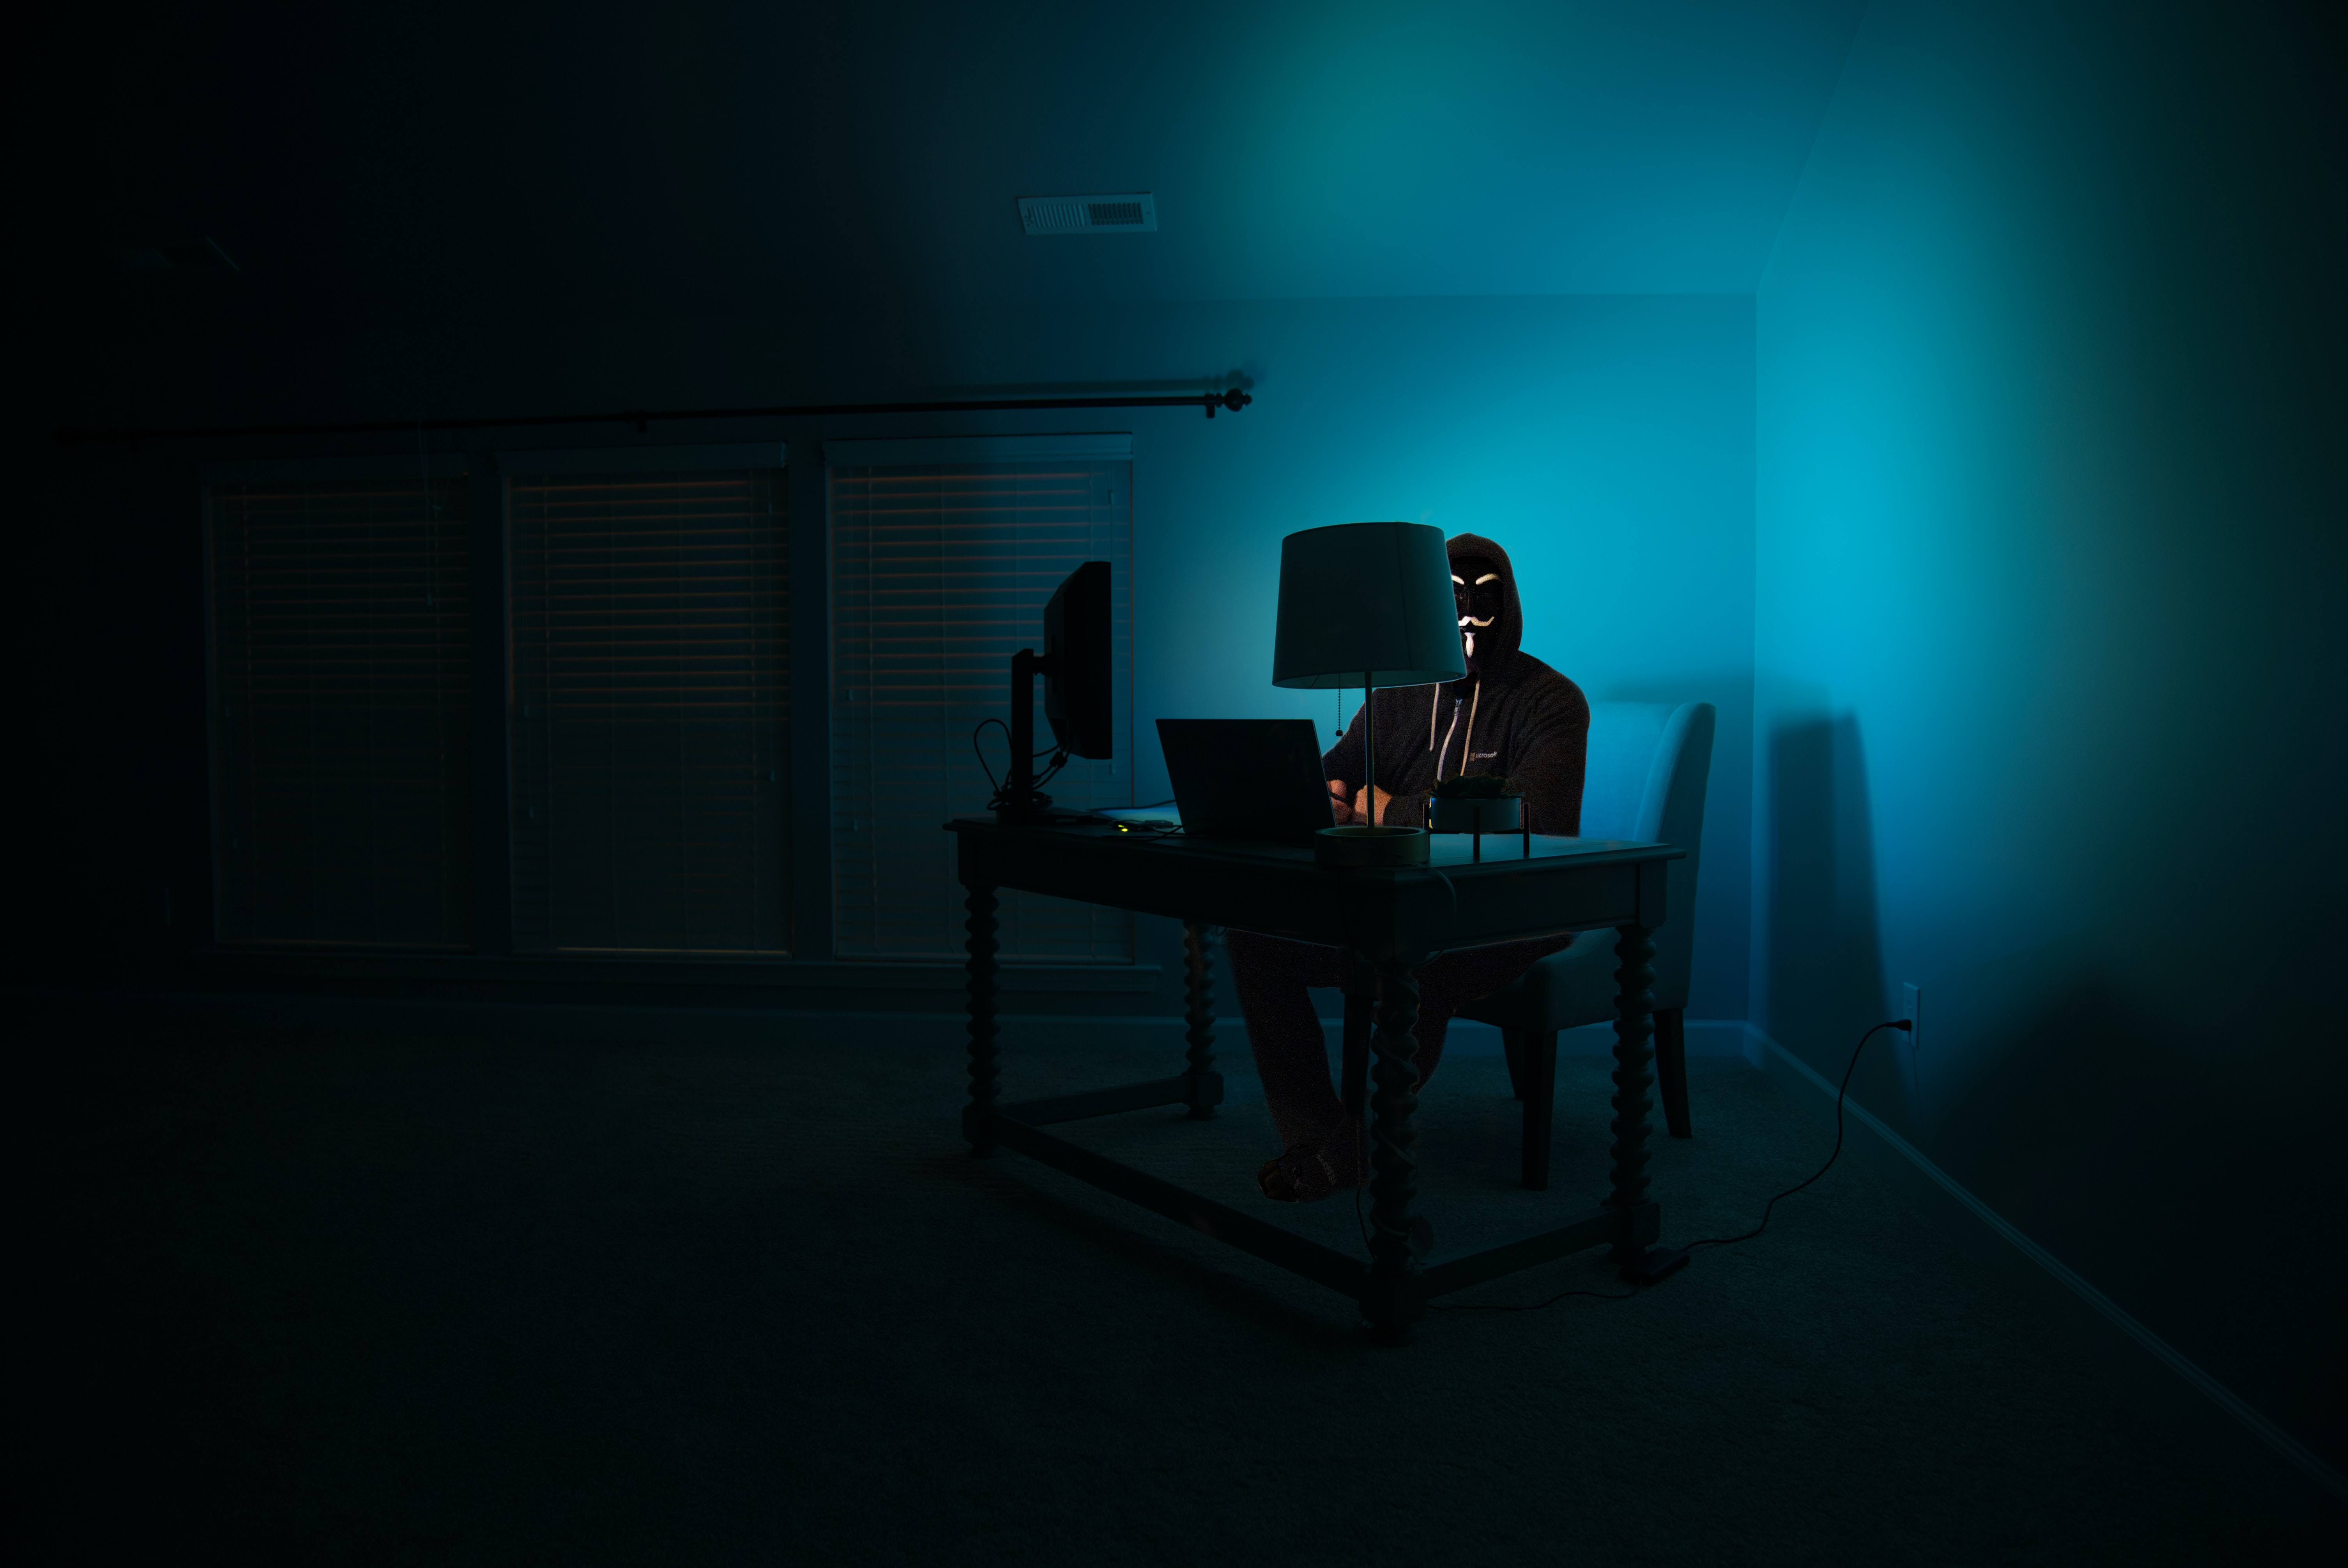 做一次黑客,入侵一次服务器